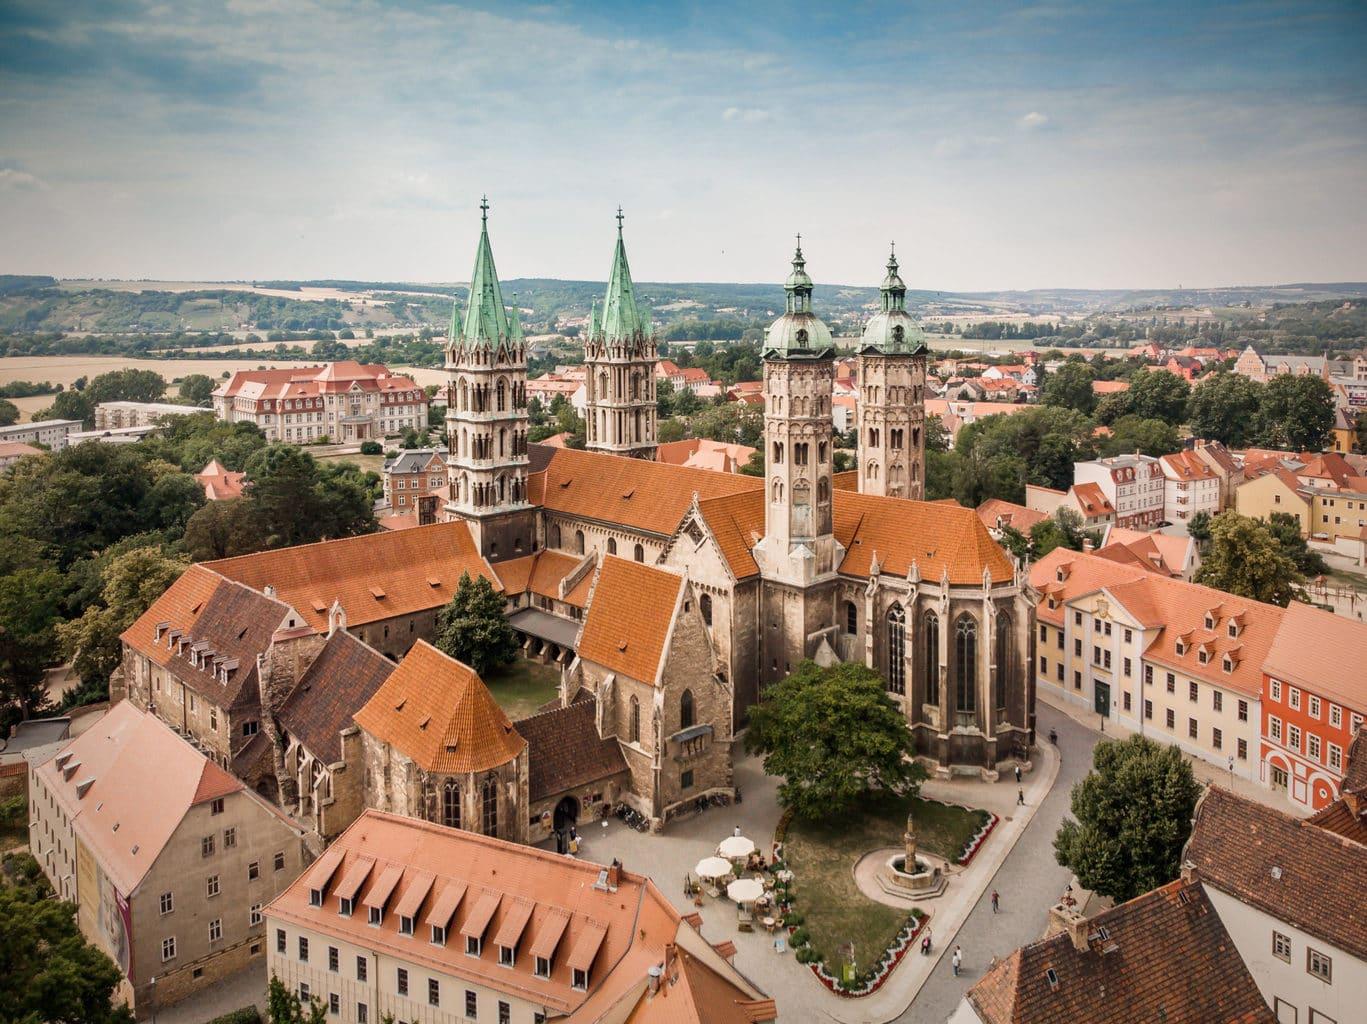 Luchtopname van wereldcultuurerfgoed Naumburger Dom in Saale-Unstrut in Oost-Duitsland